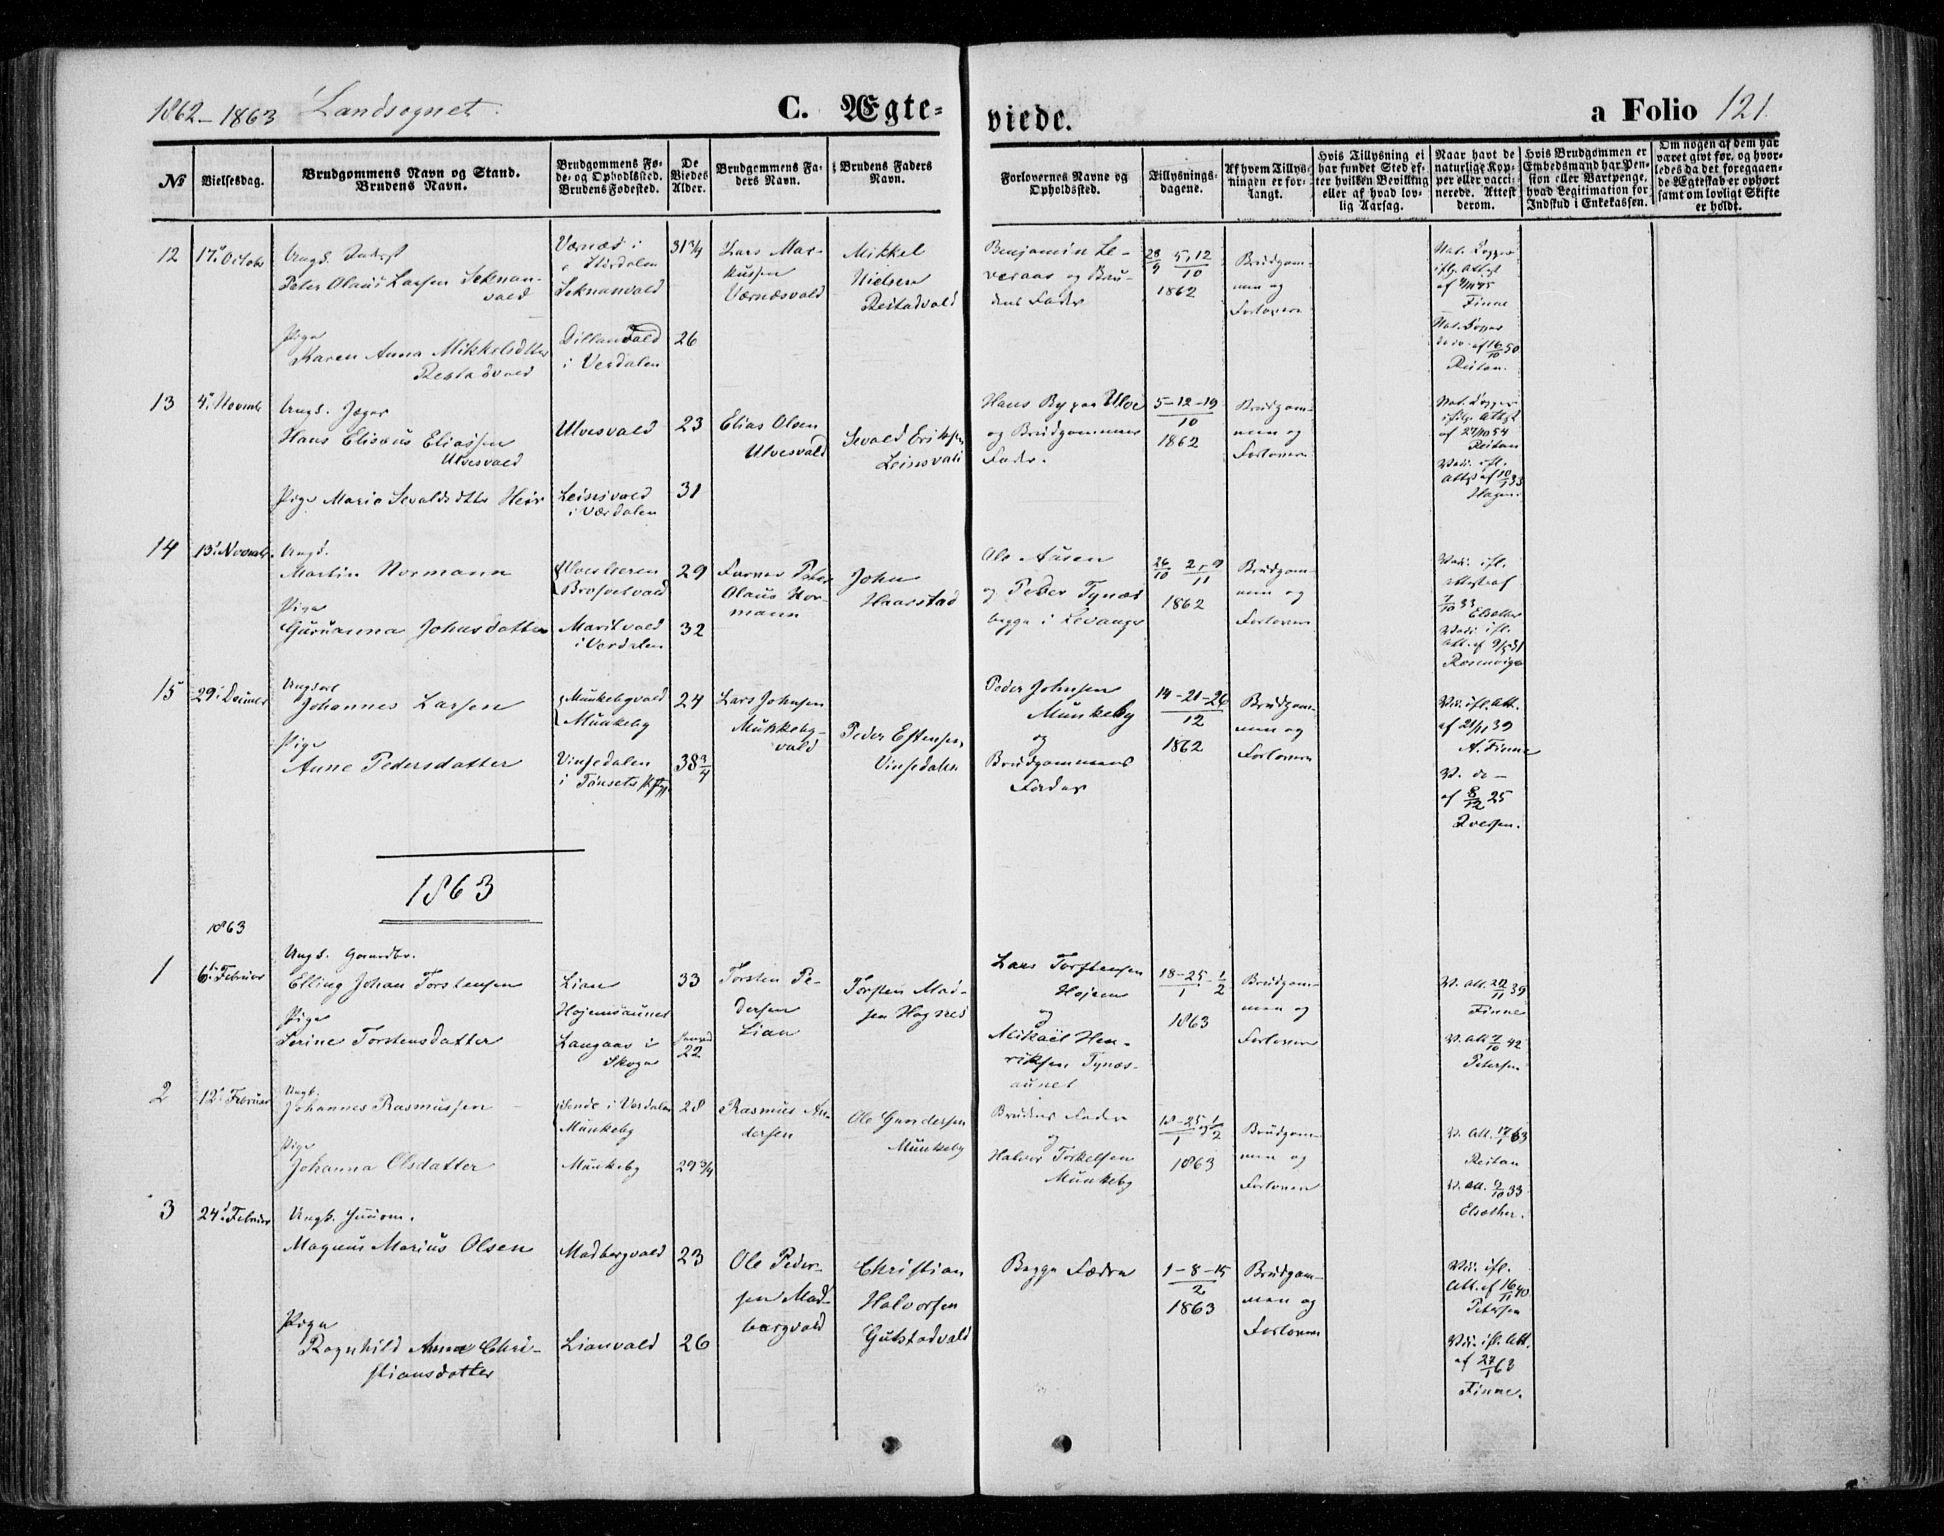 SAT, Ministerialprotokoller, klokkerbøker og fødselsregistre - Nord-Trøndelag, 720/L0184: Ministerialbok nr. 720A02 /2, 1855-1863, s. 121